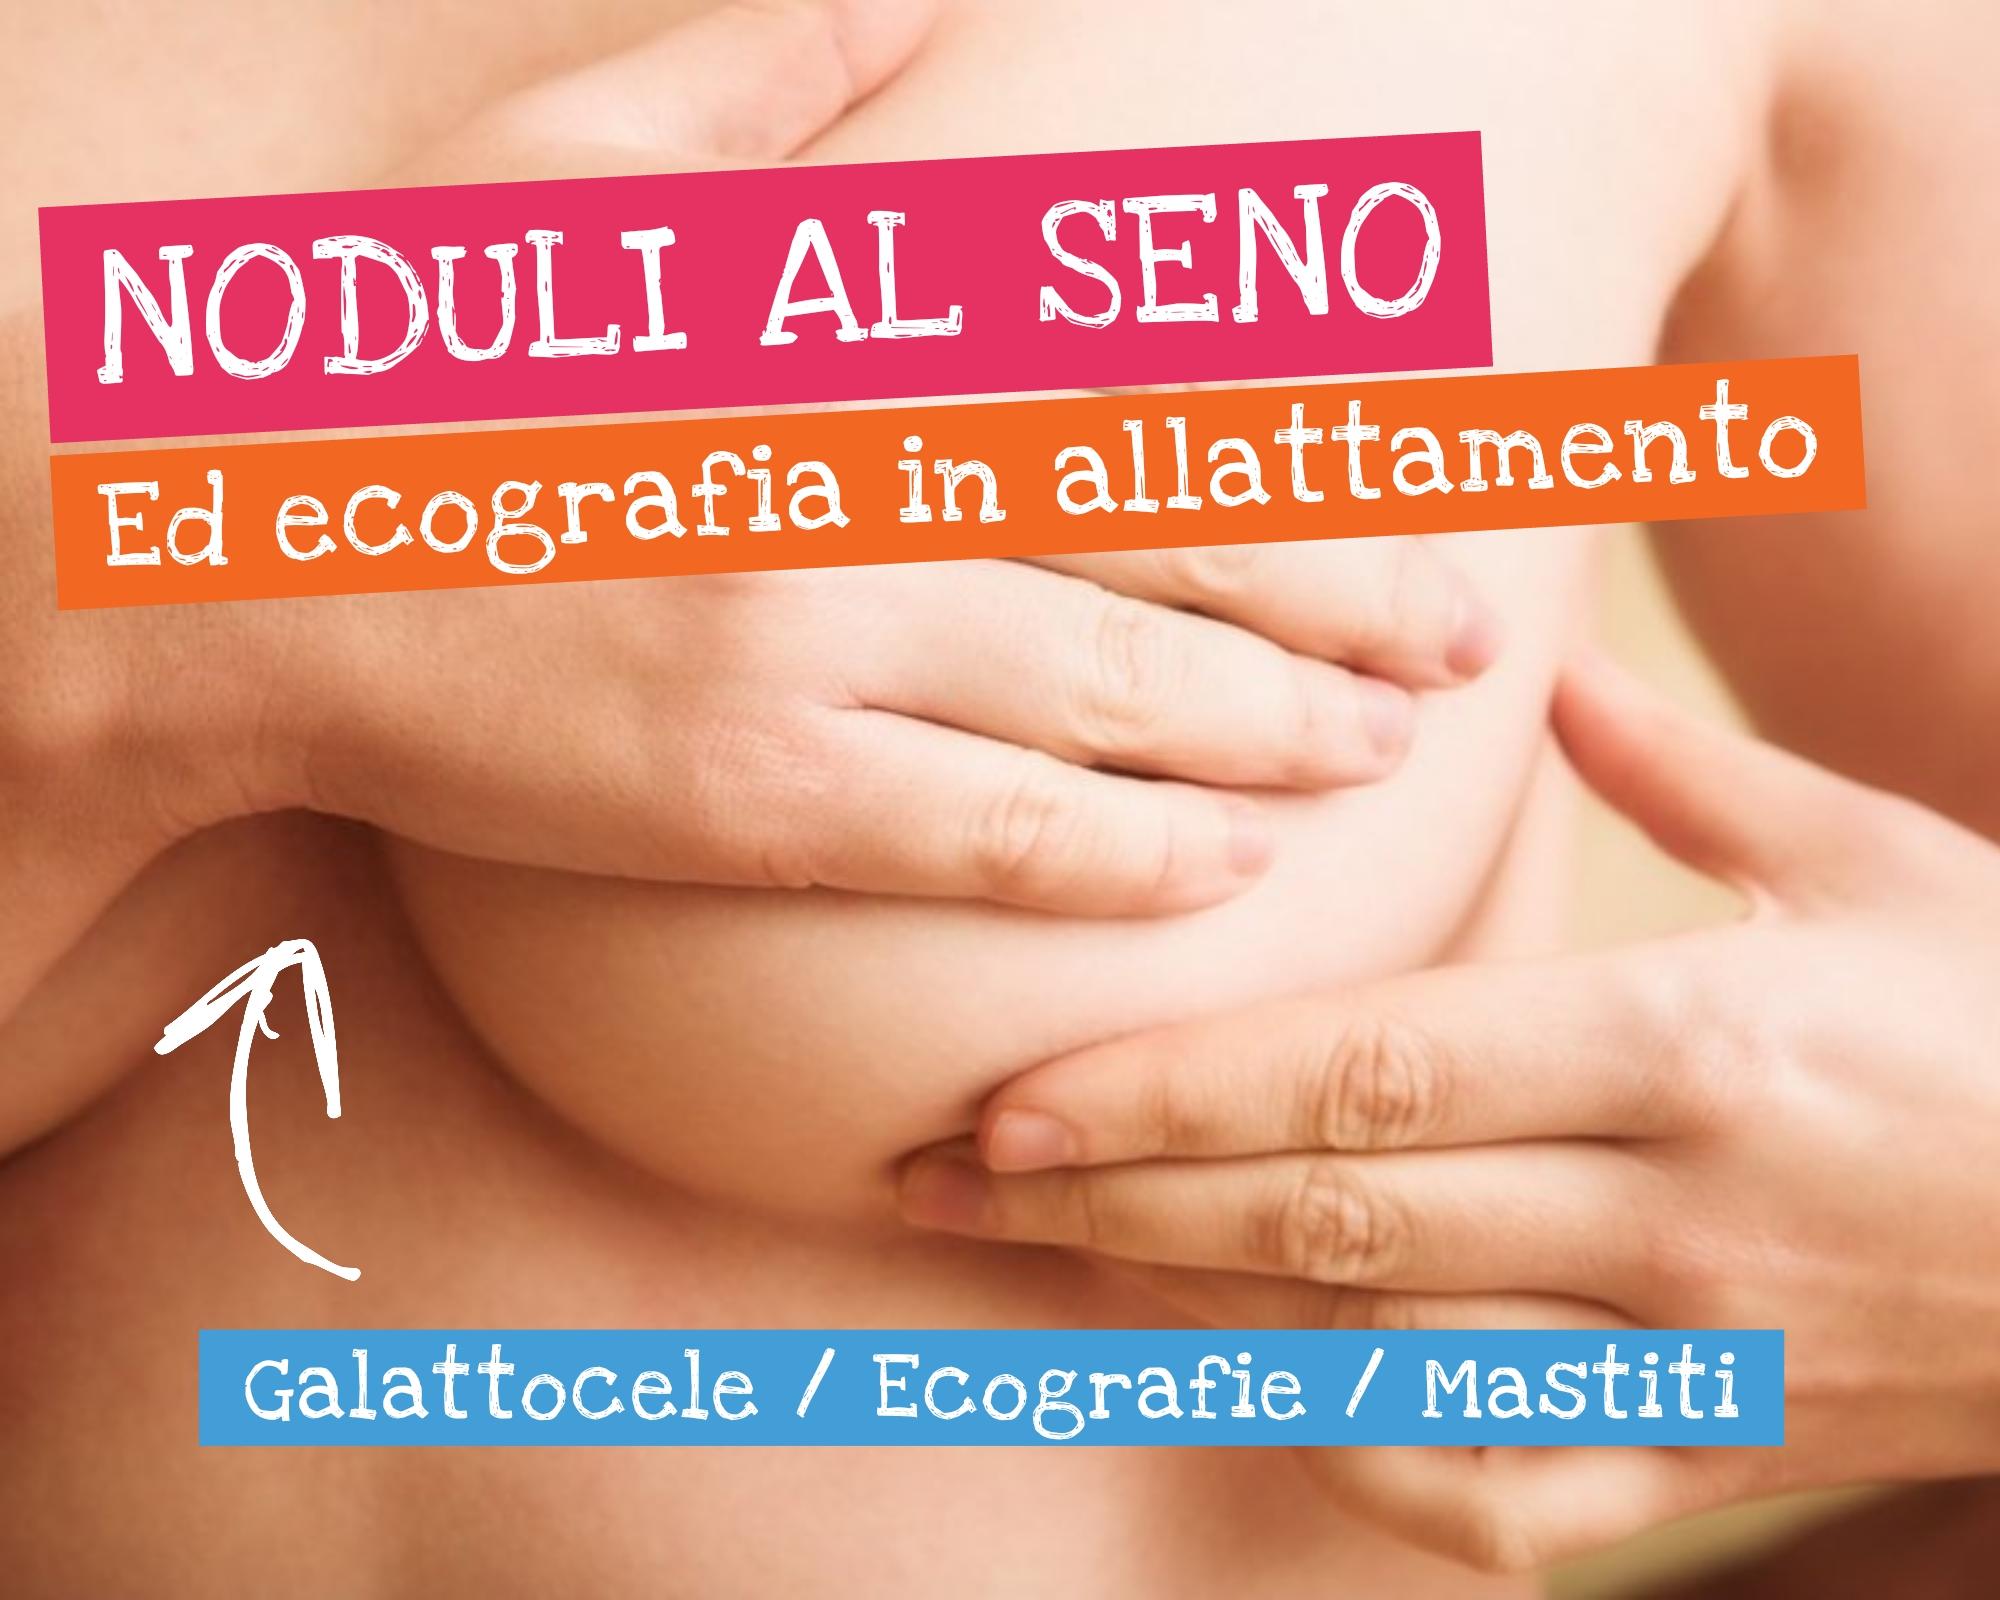 Nodulo al seno ecografia in allattamento